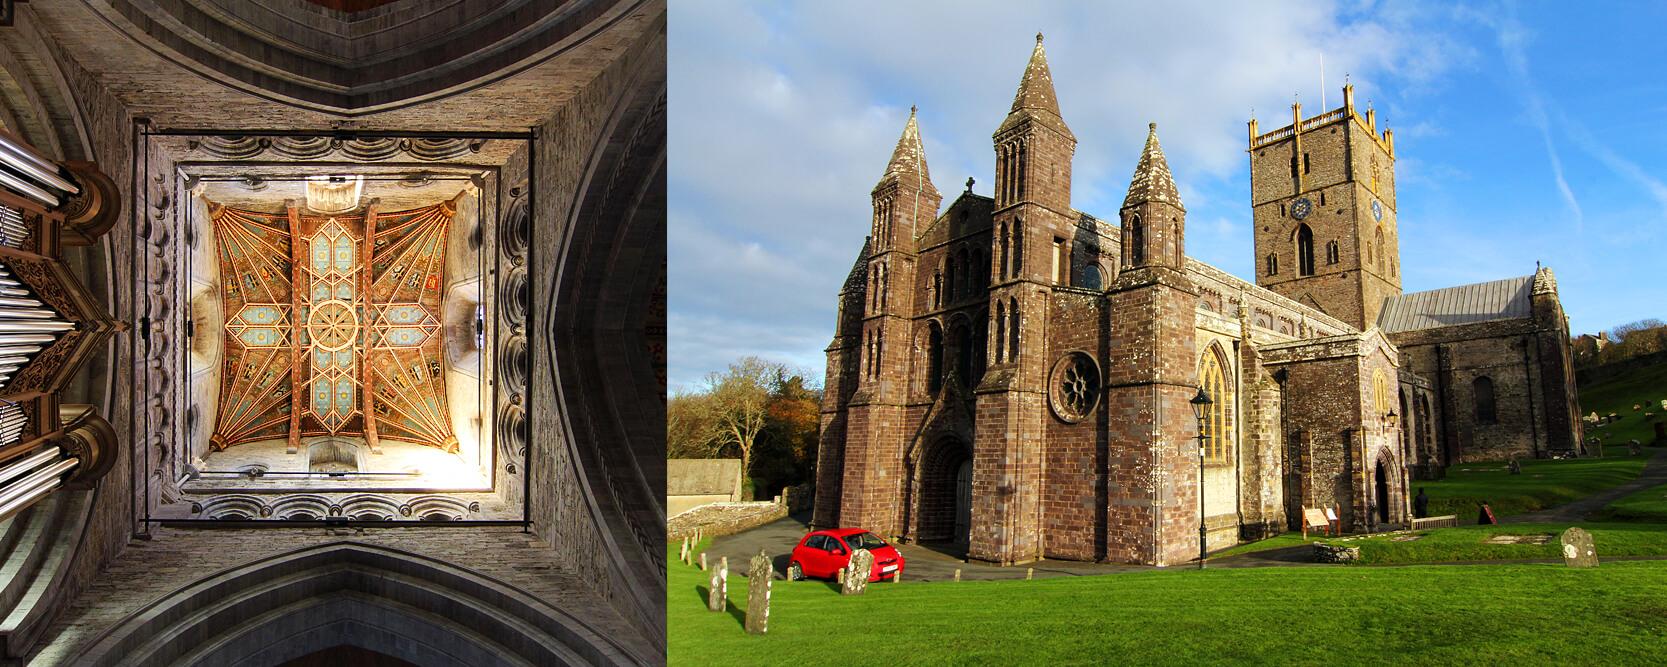 wales-sehenswurdigkeiten-st-davids-cathedral